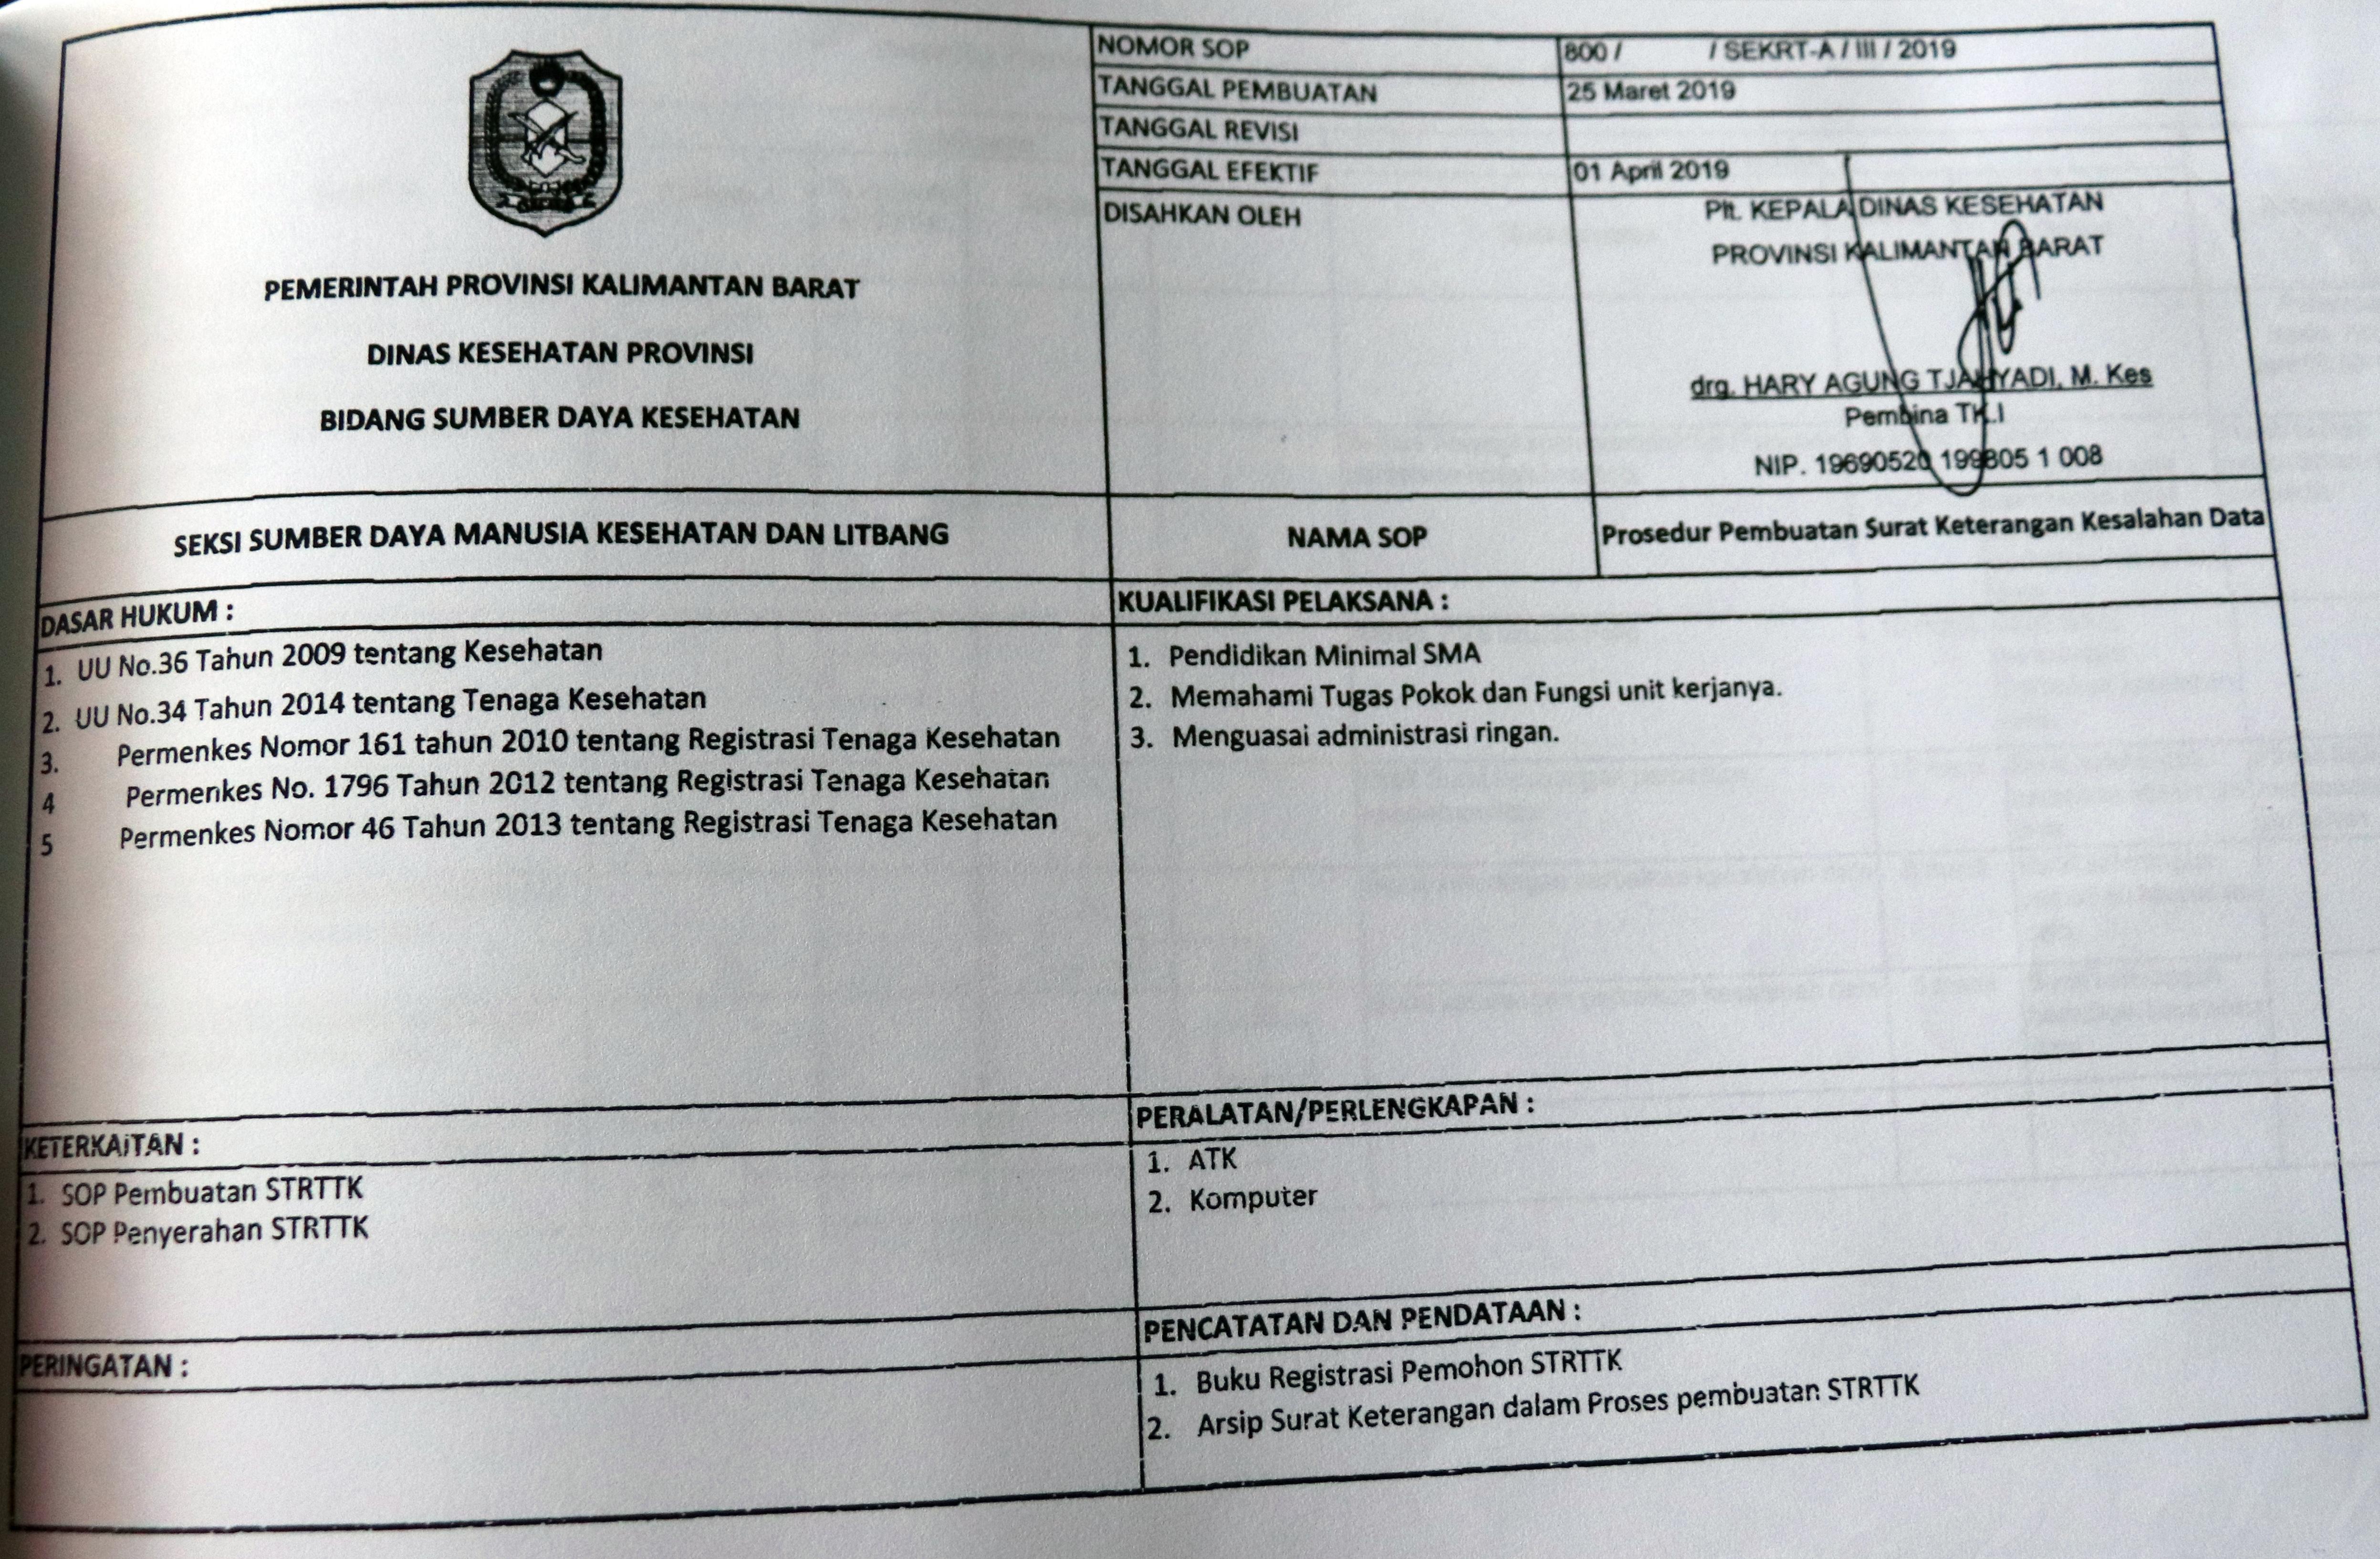 Standar Operasional Prosedur Dinas Kesehatan Pemerintah